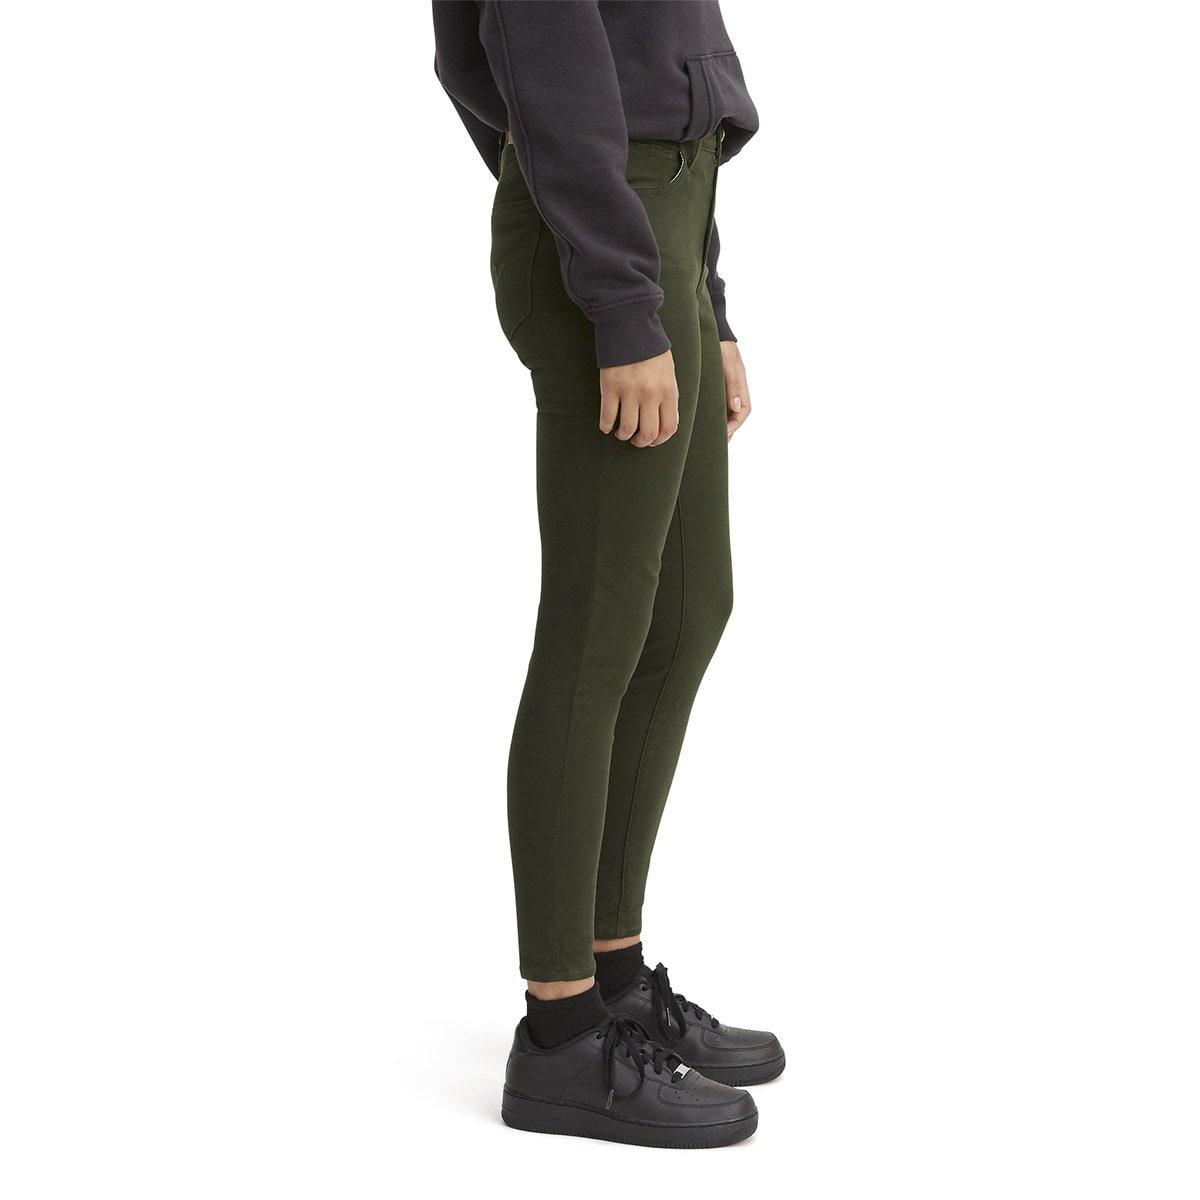 Jeans Súper Skinny Cintura Alta Levis para Dama